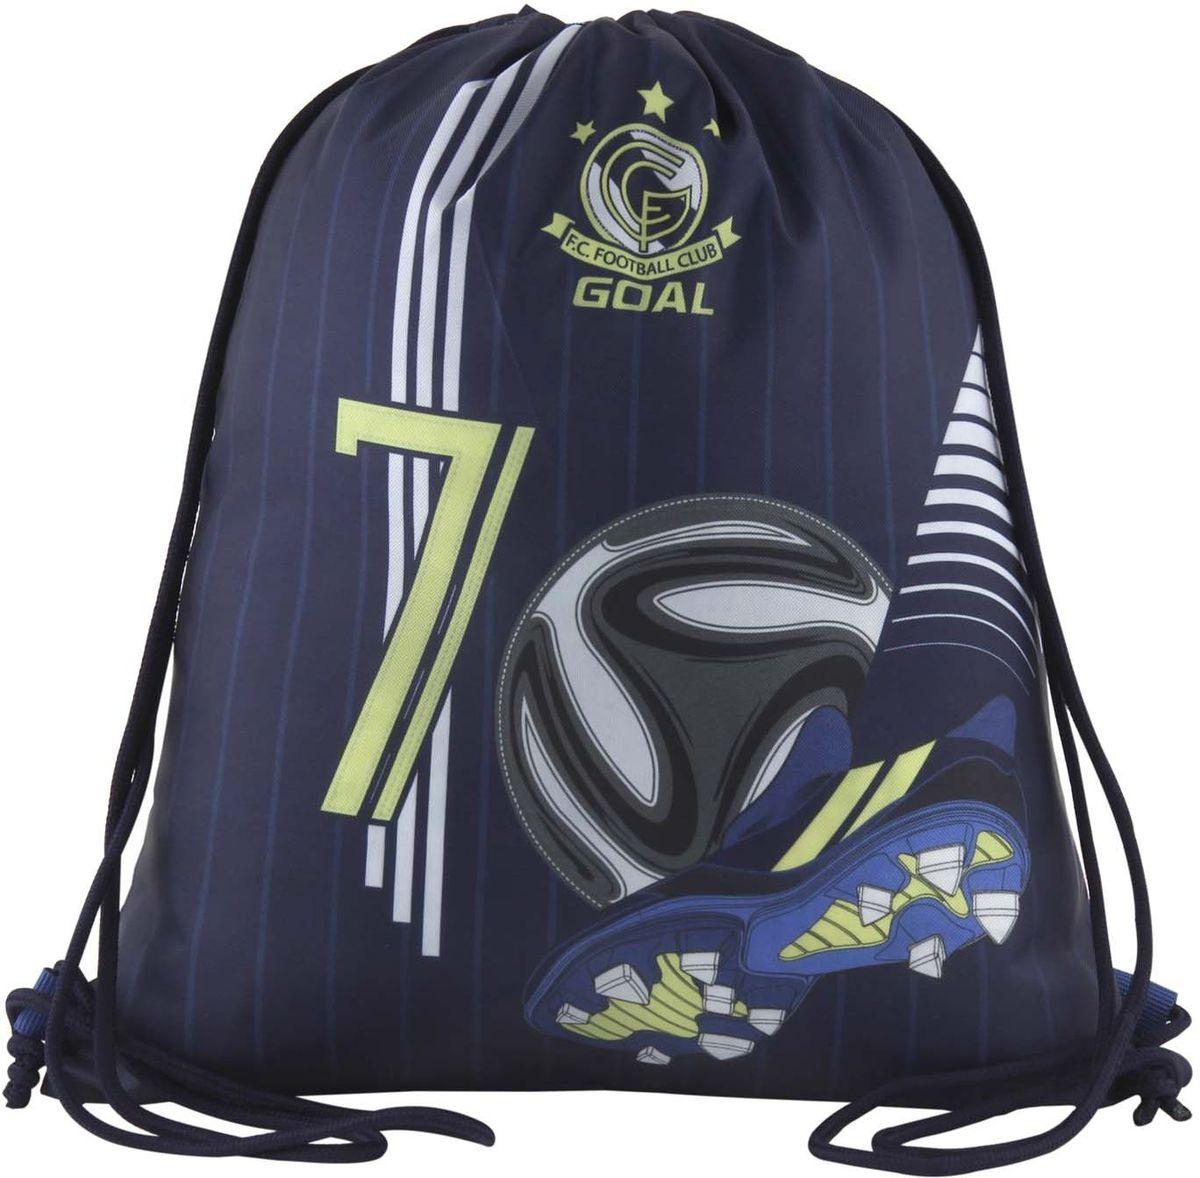 Target Collection Сумка для детской сменной обуви цвета FC Real Madrid 1723317233Сумка для переноски детской обуви, выполнена из плотного водостойкого материала, затягивается сверху шнурком и носится, как рюкзак.